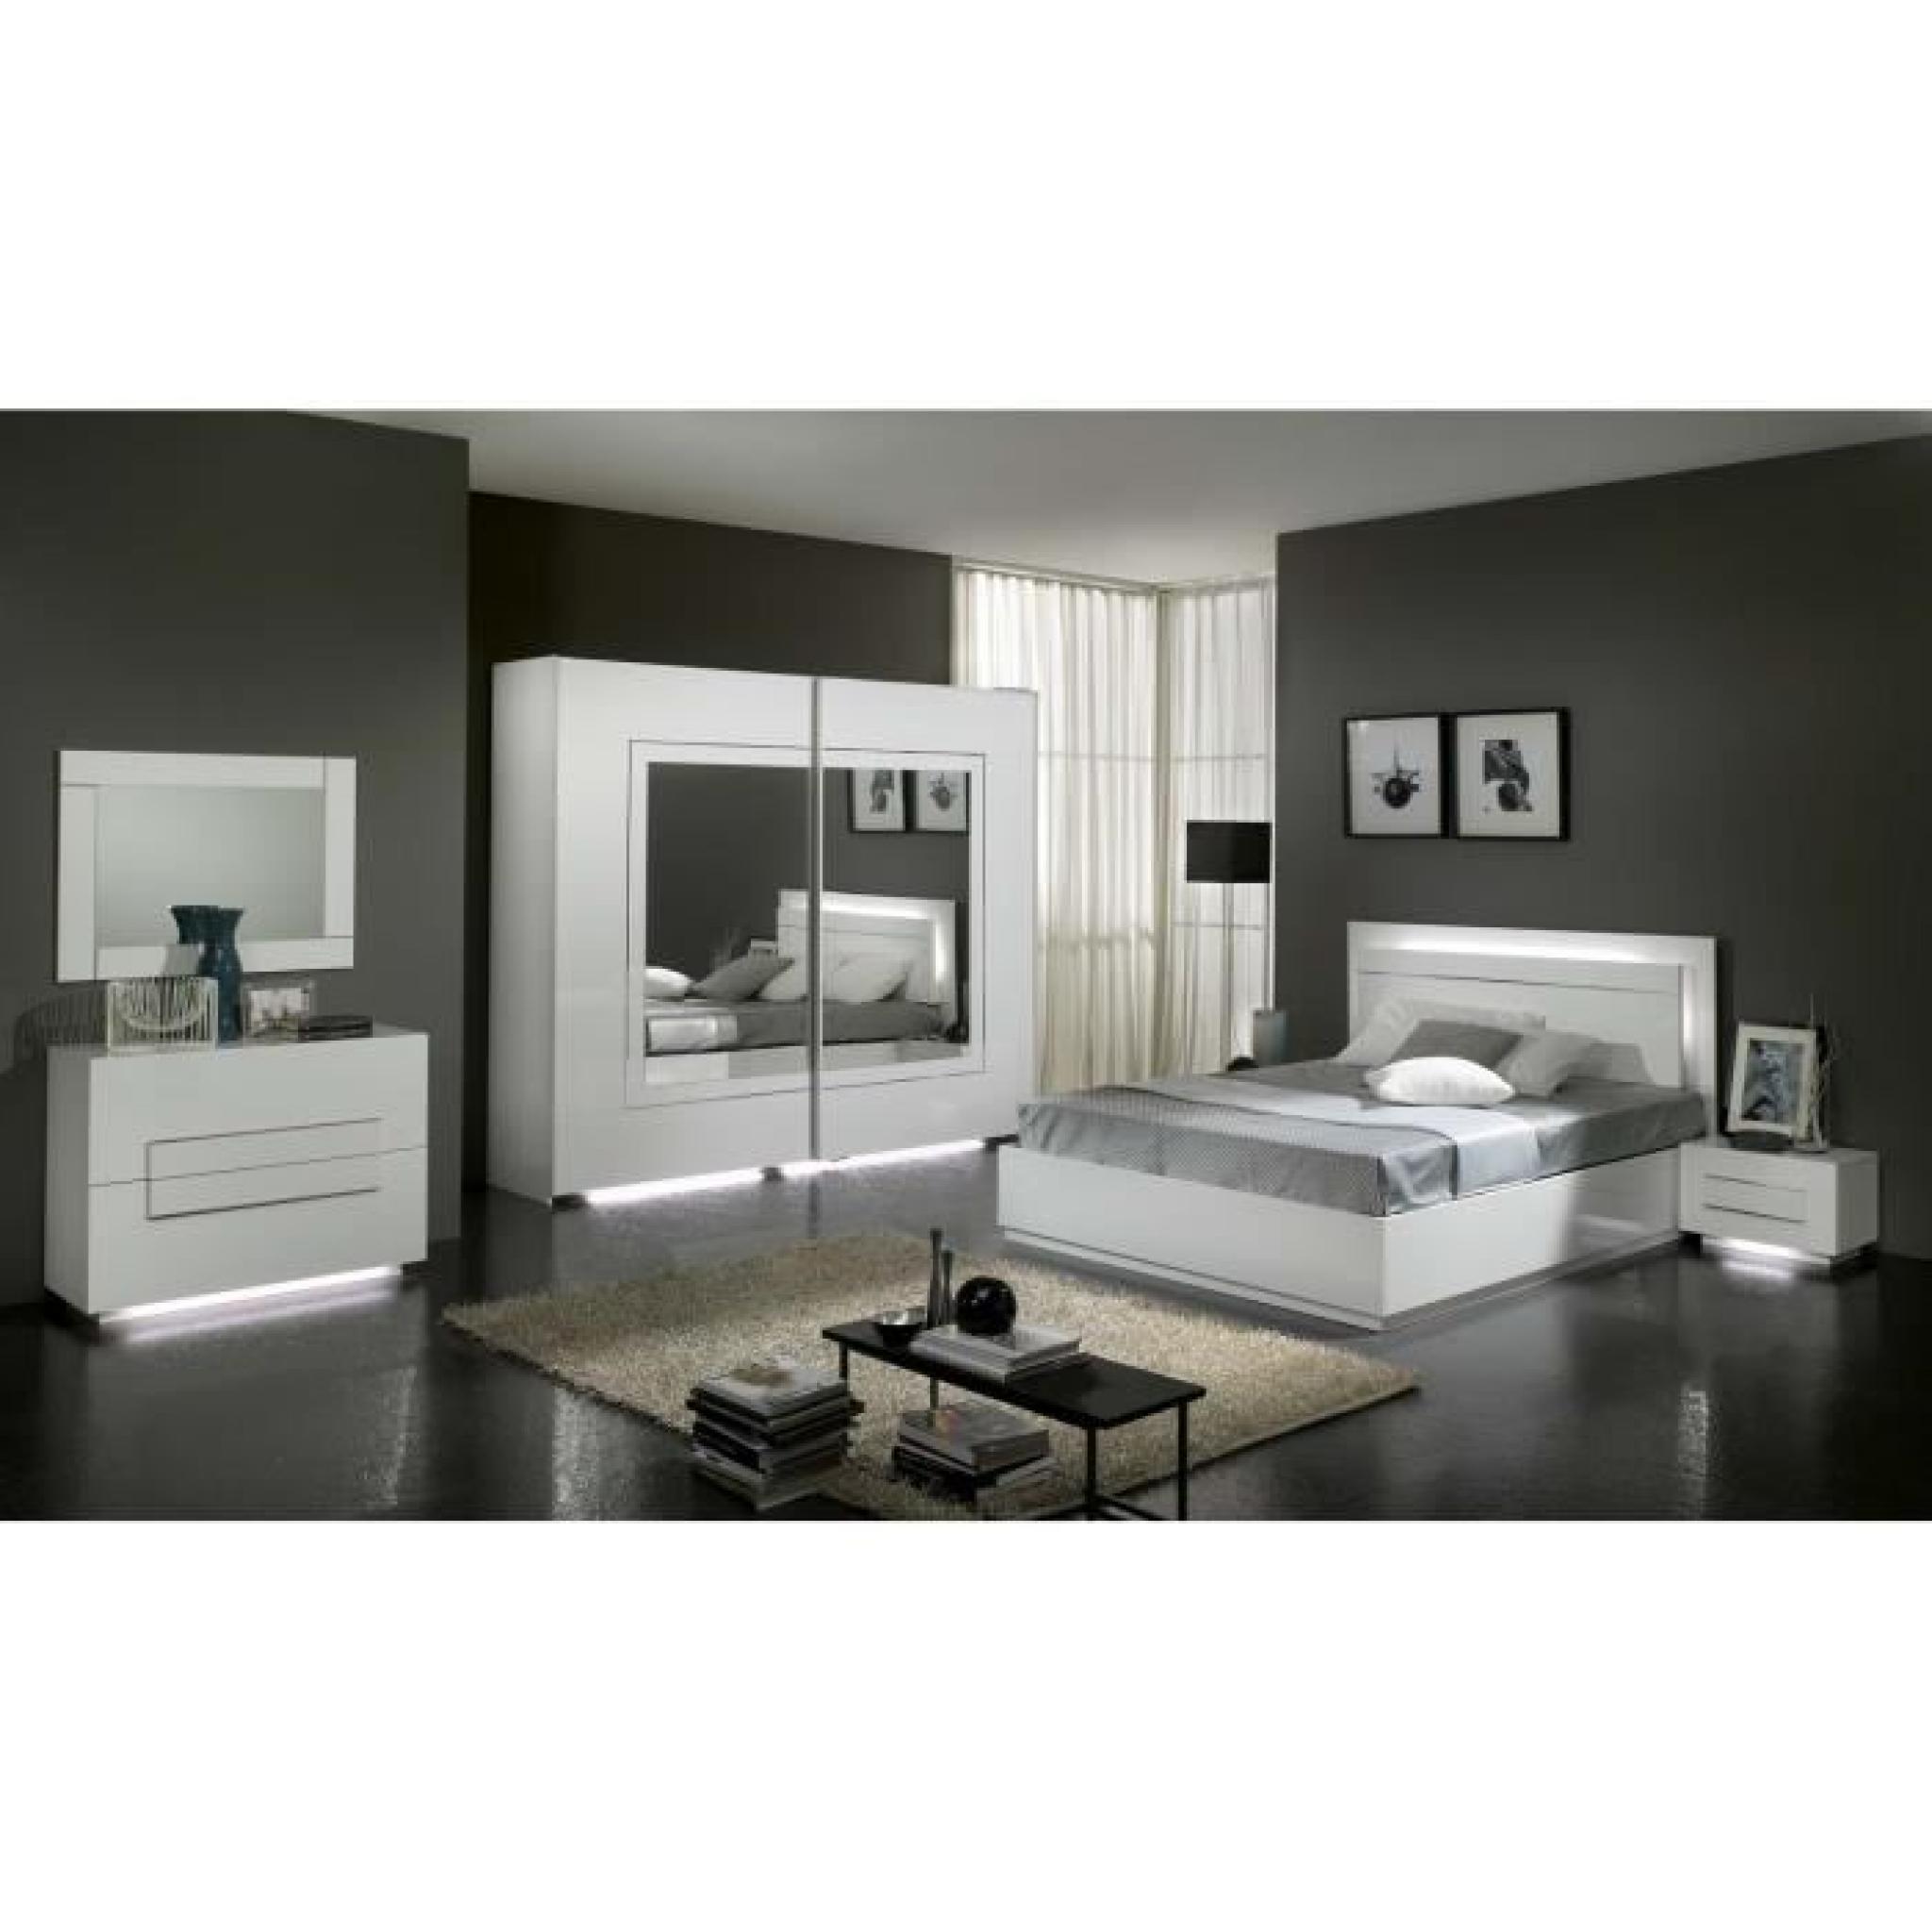 Garde-robe à 2 portes coulissantes blanc laqué - Achat/Vente armoire ...